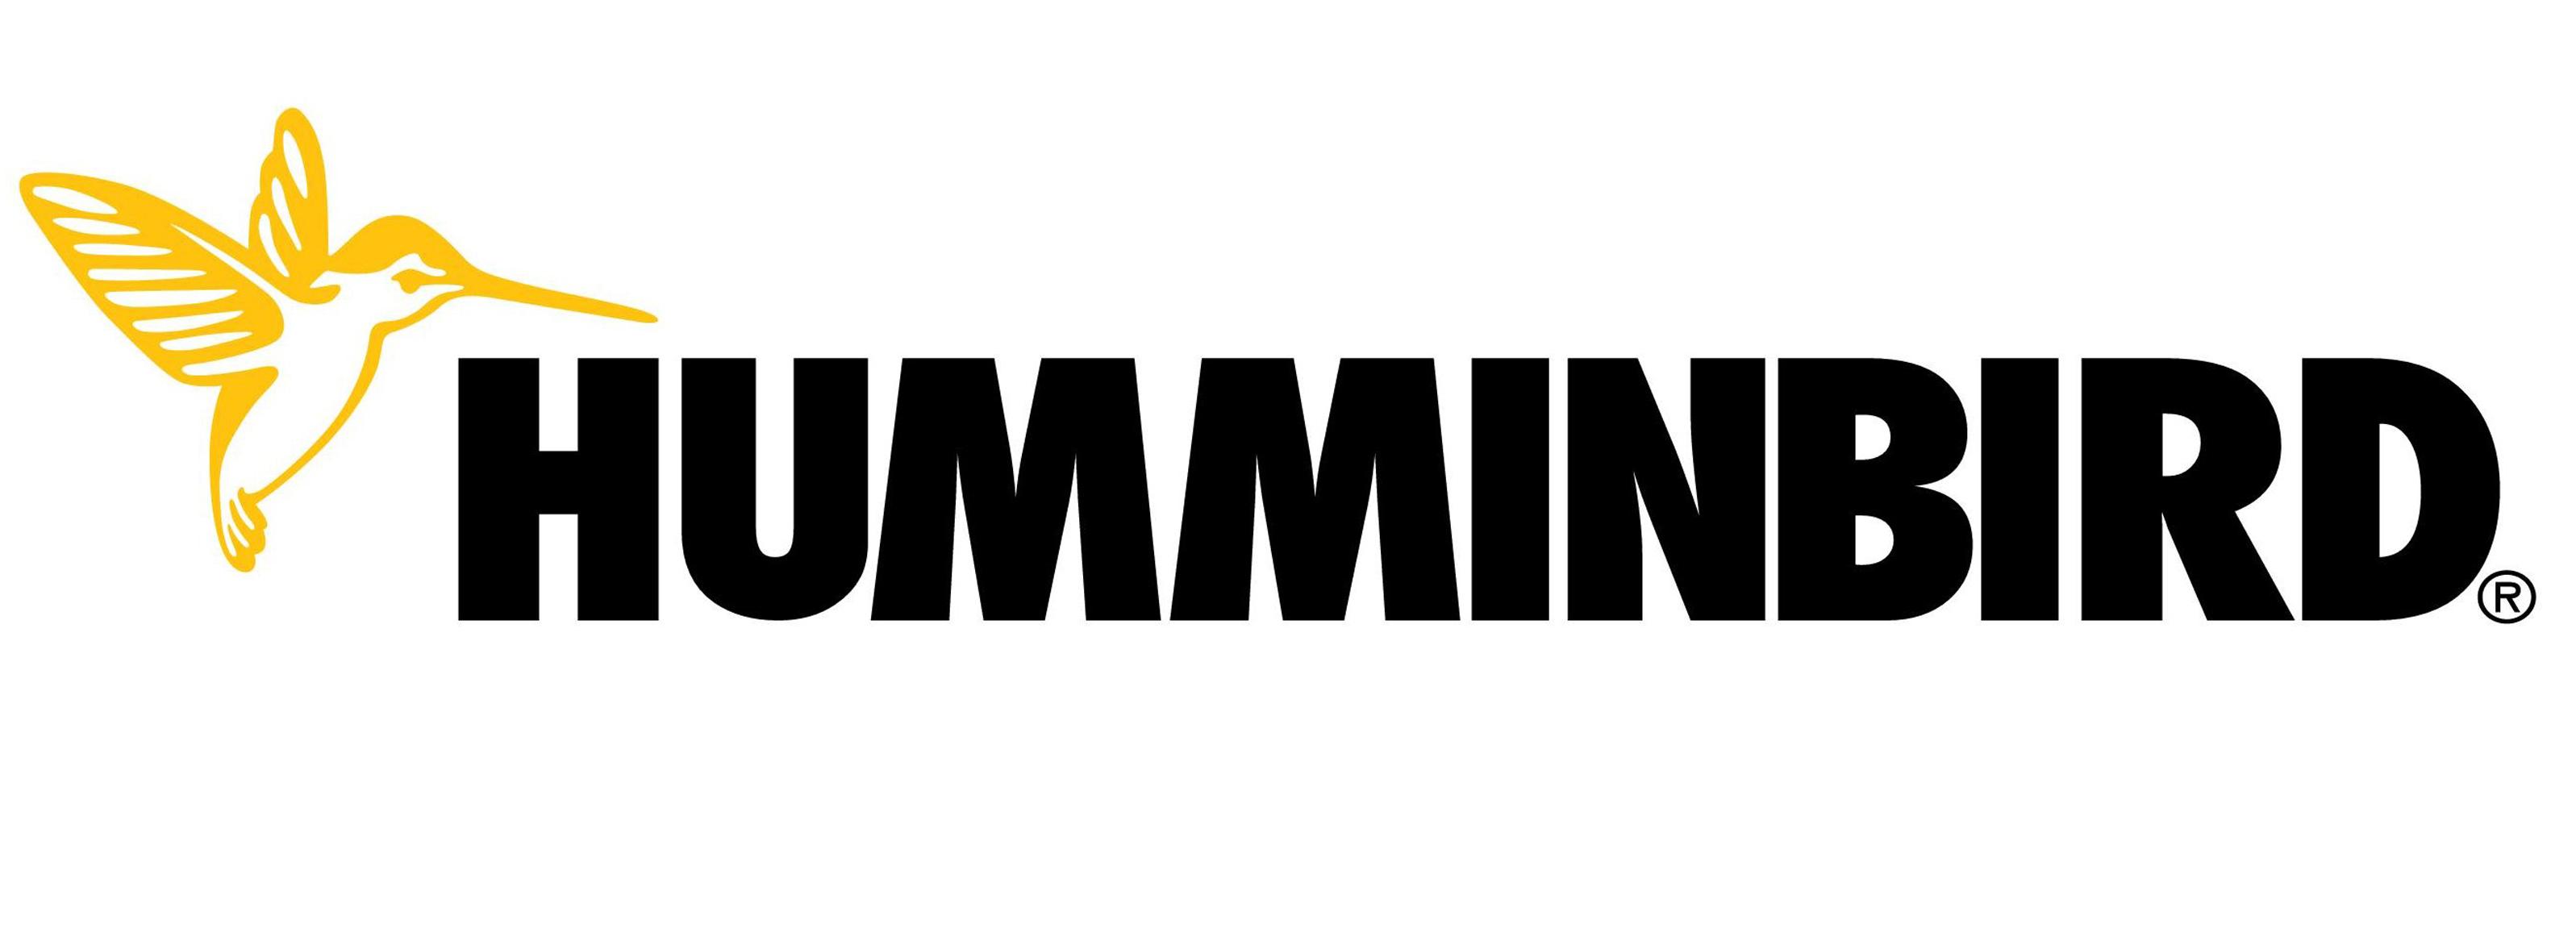 humminbird3194x1151